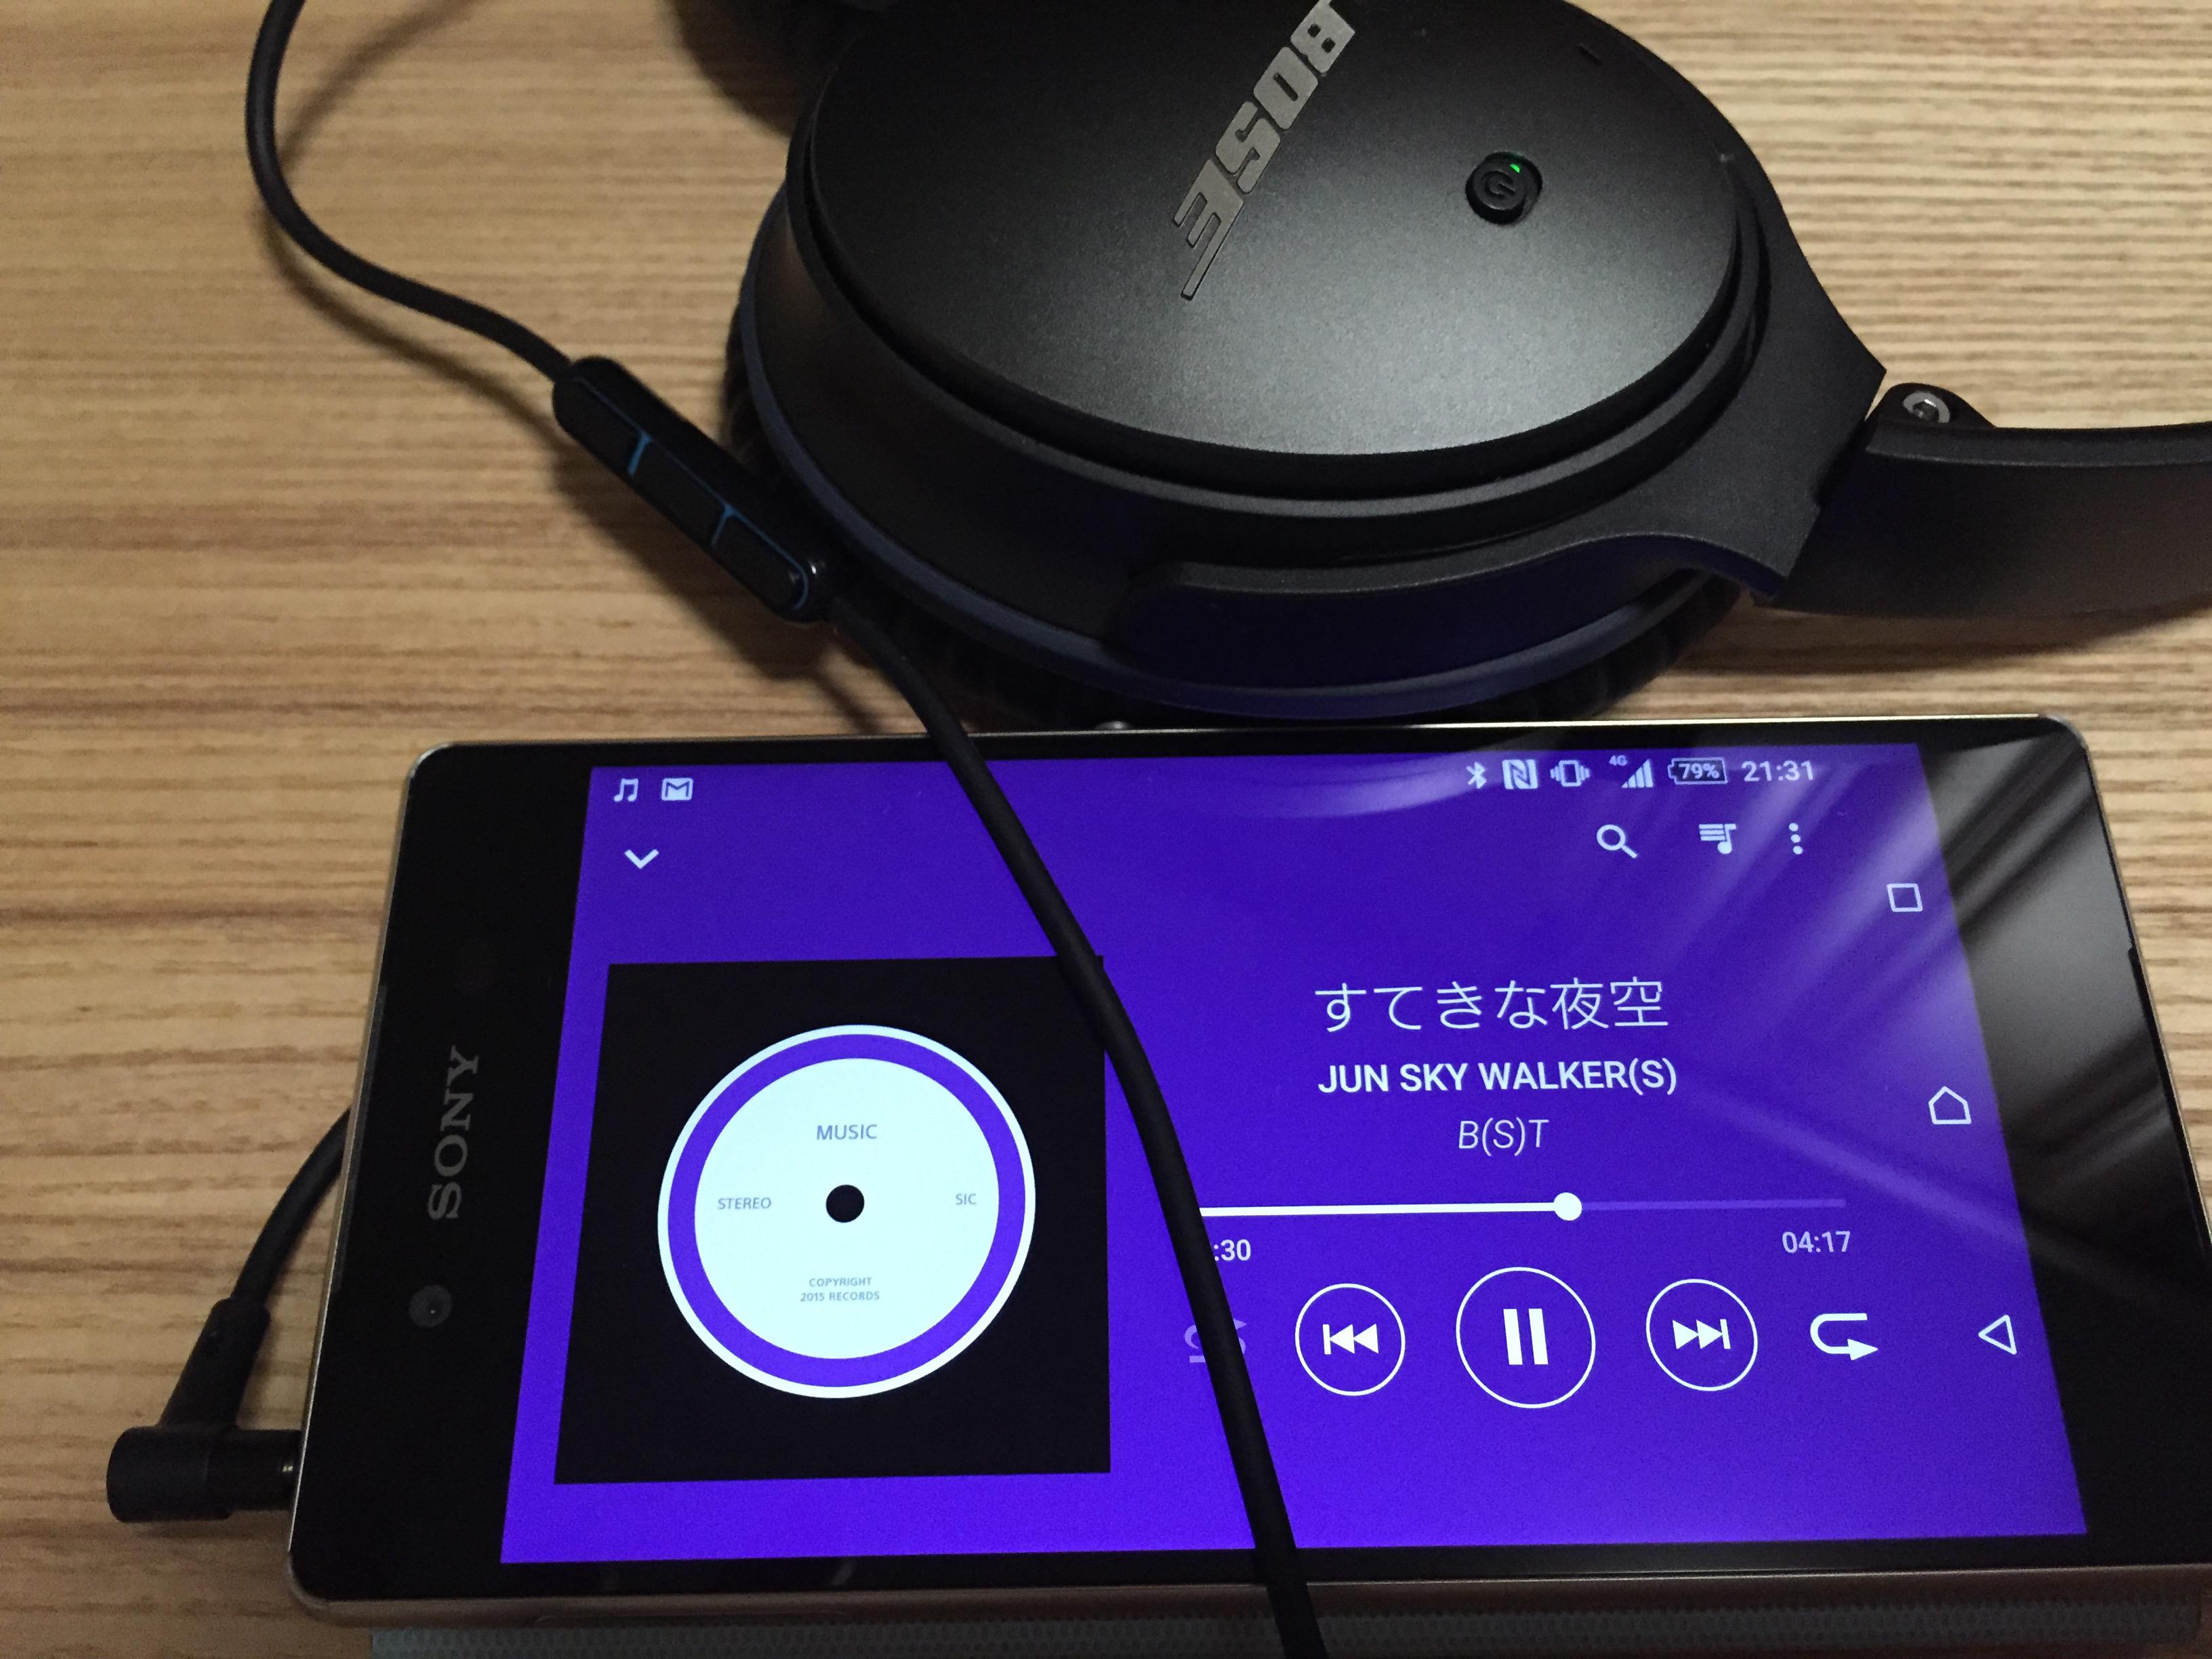 【終了】Bose QuietComfort Spring キャンペーン。ノイズキャンセリングヘッドフォンが5,000円引き!!